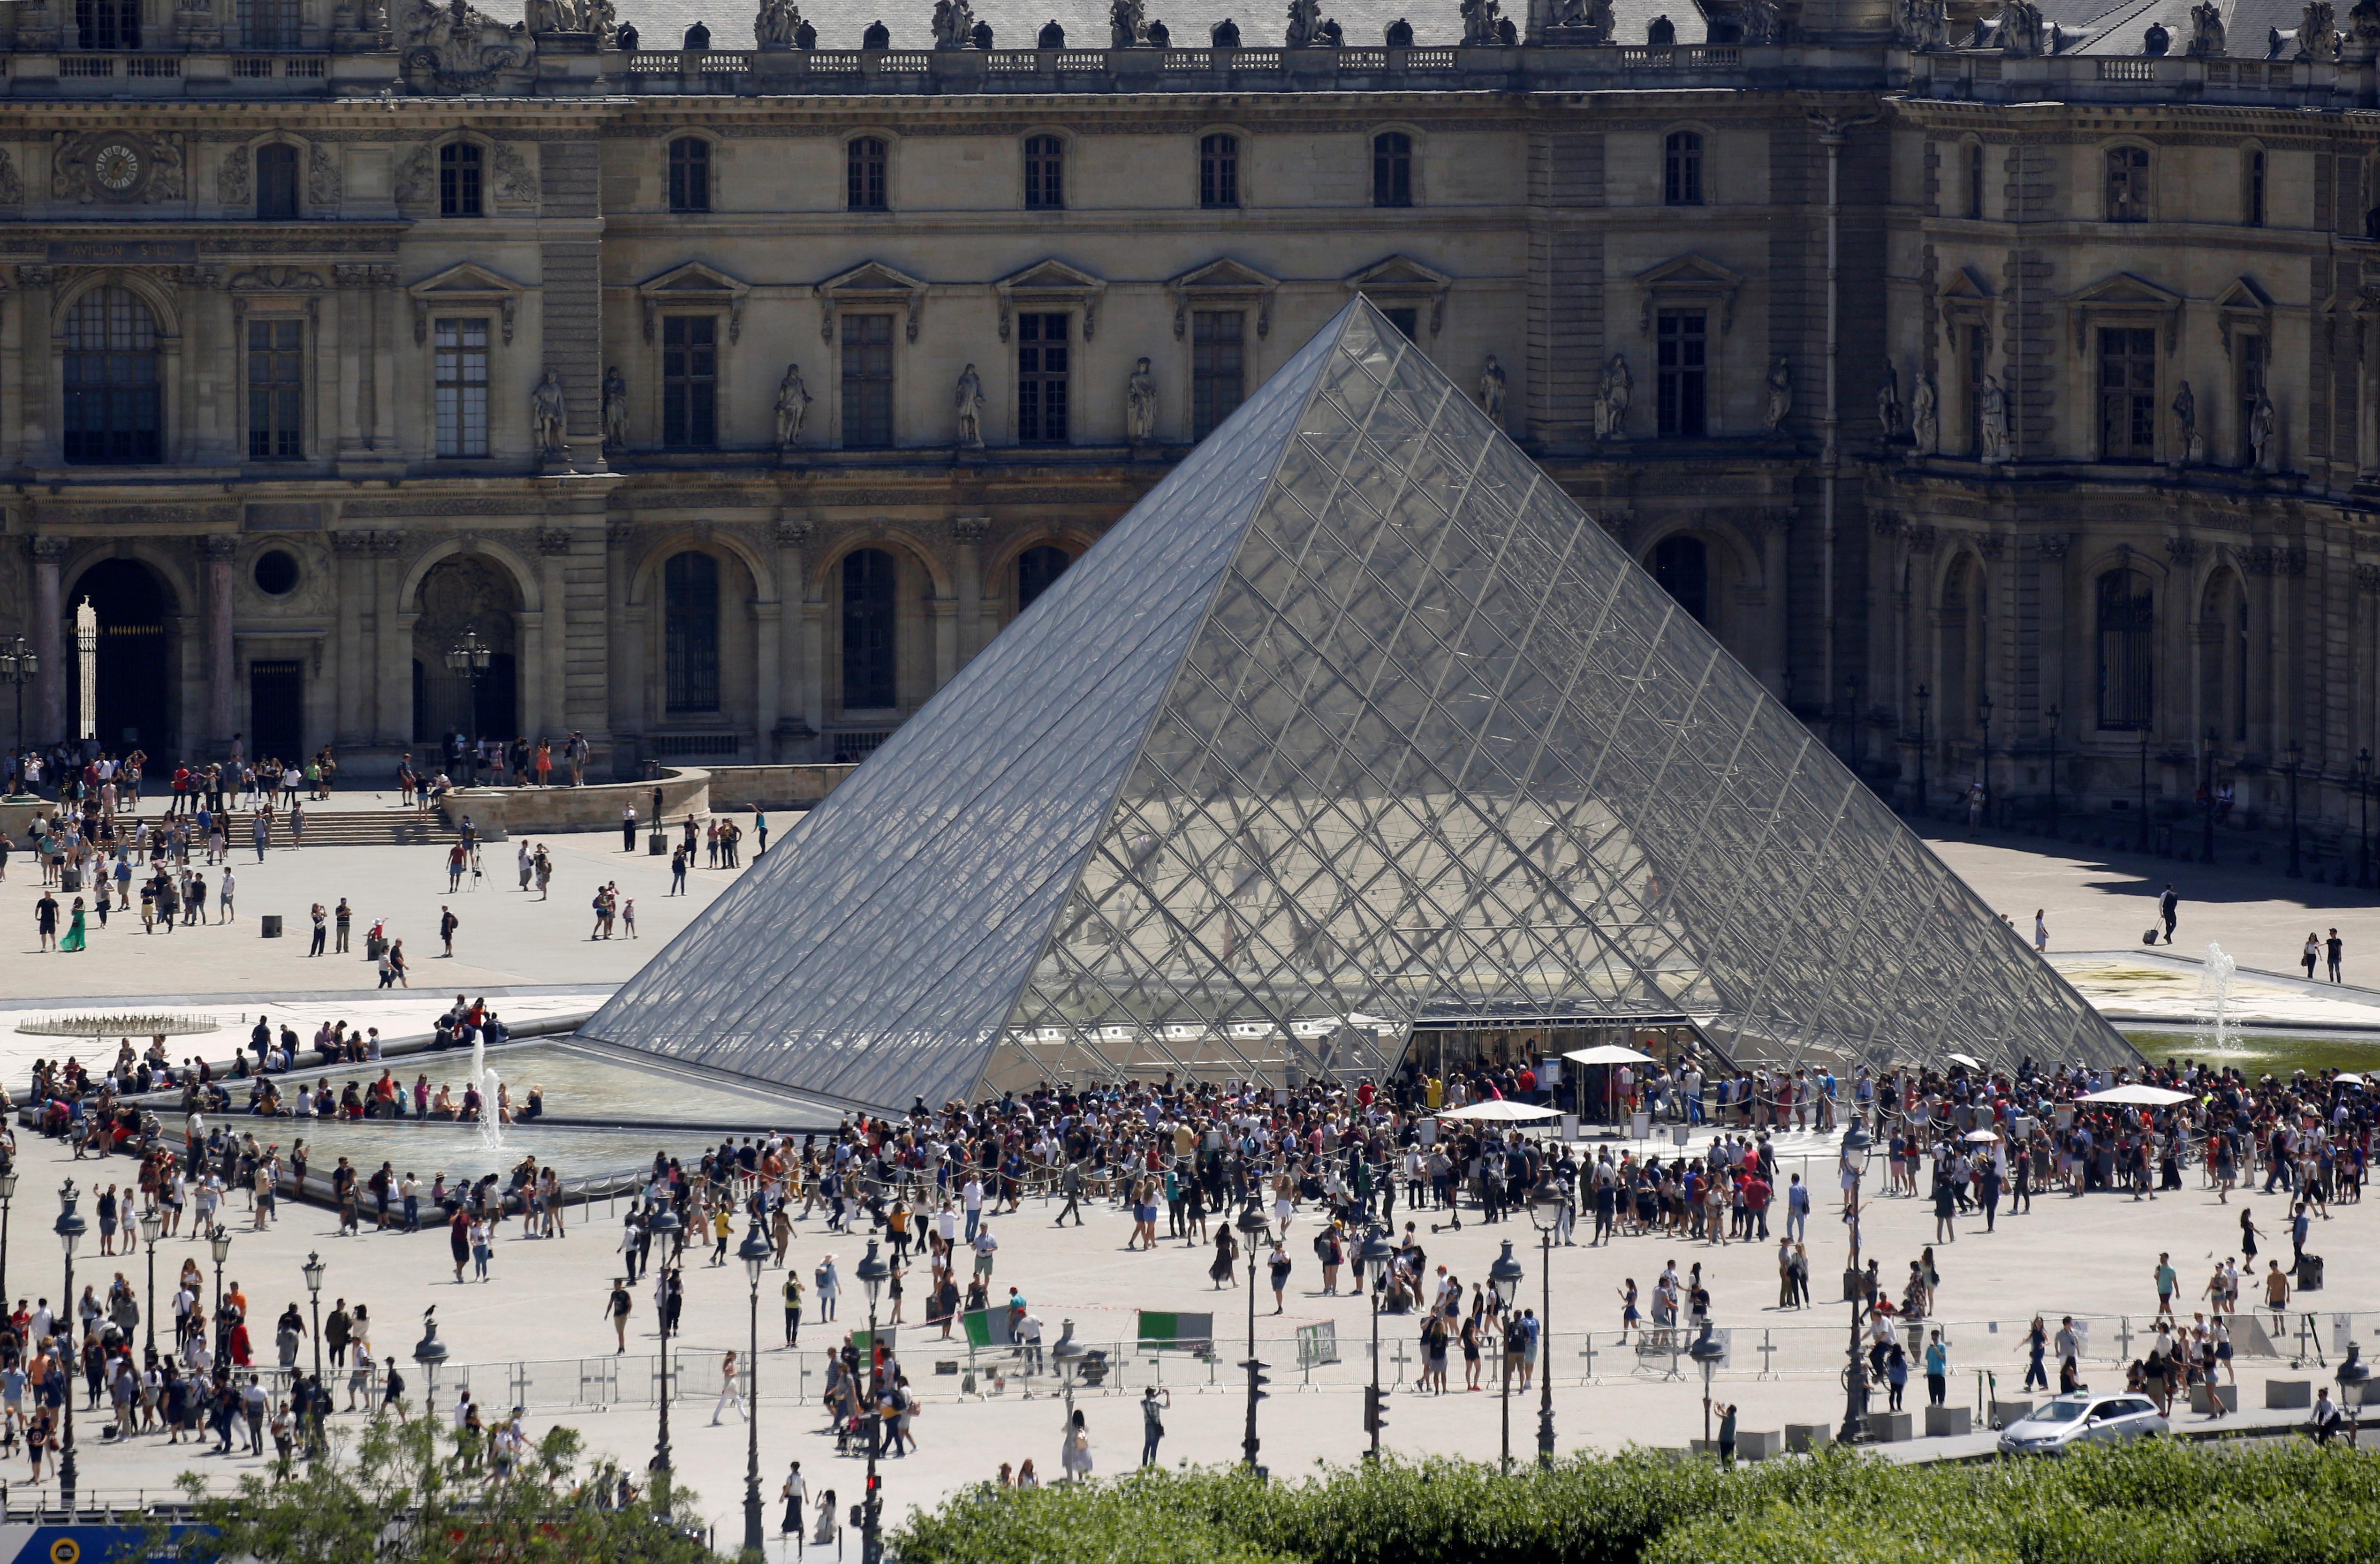 Una postal habitual de la pirámide en la entrada del museo (Reuters)